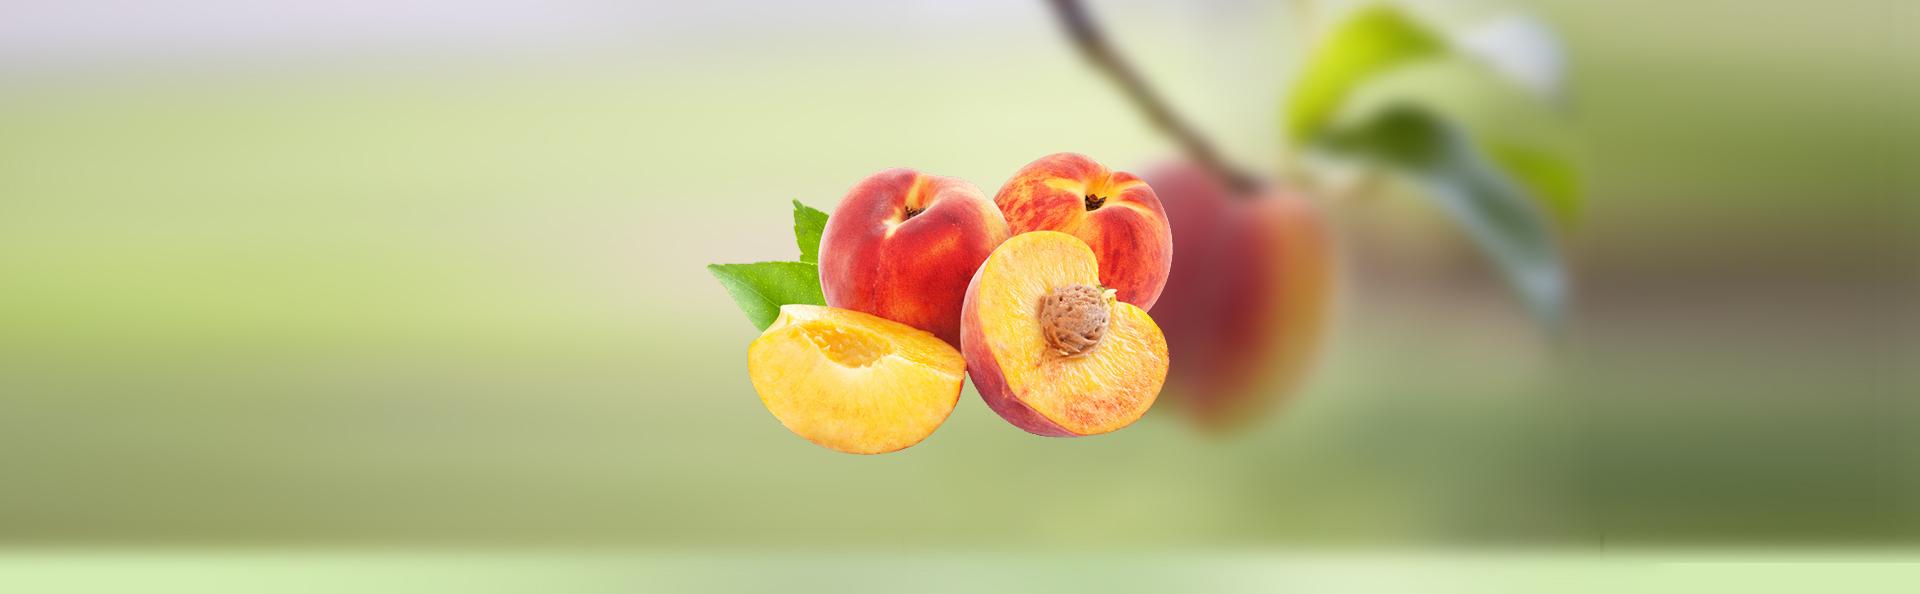 植物营养学